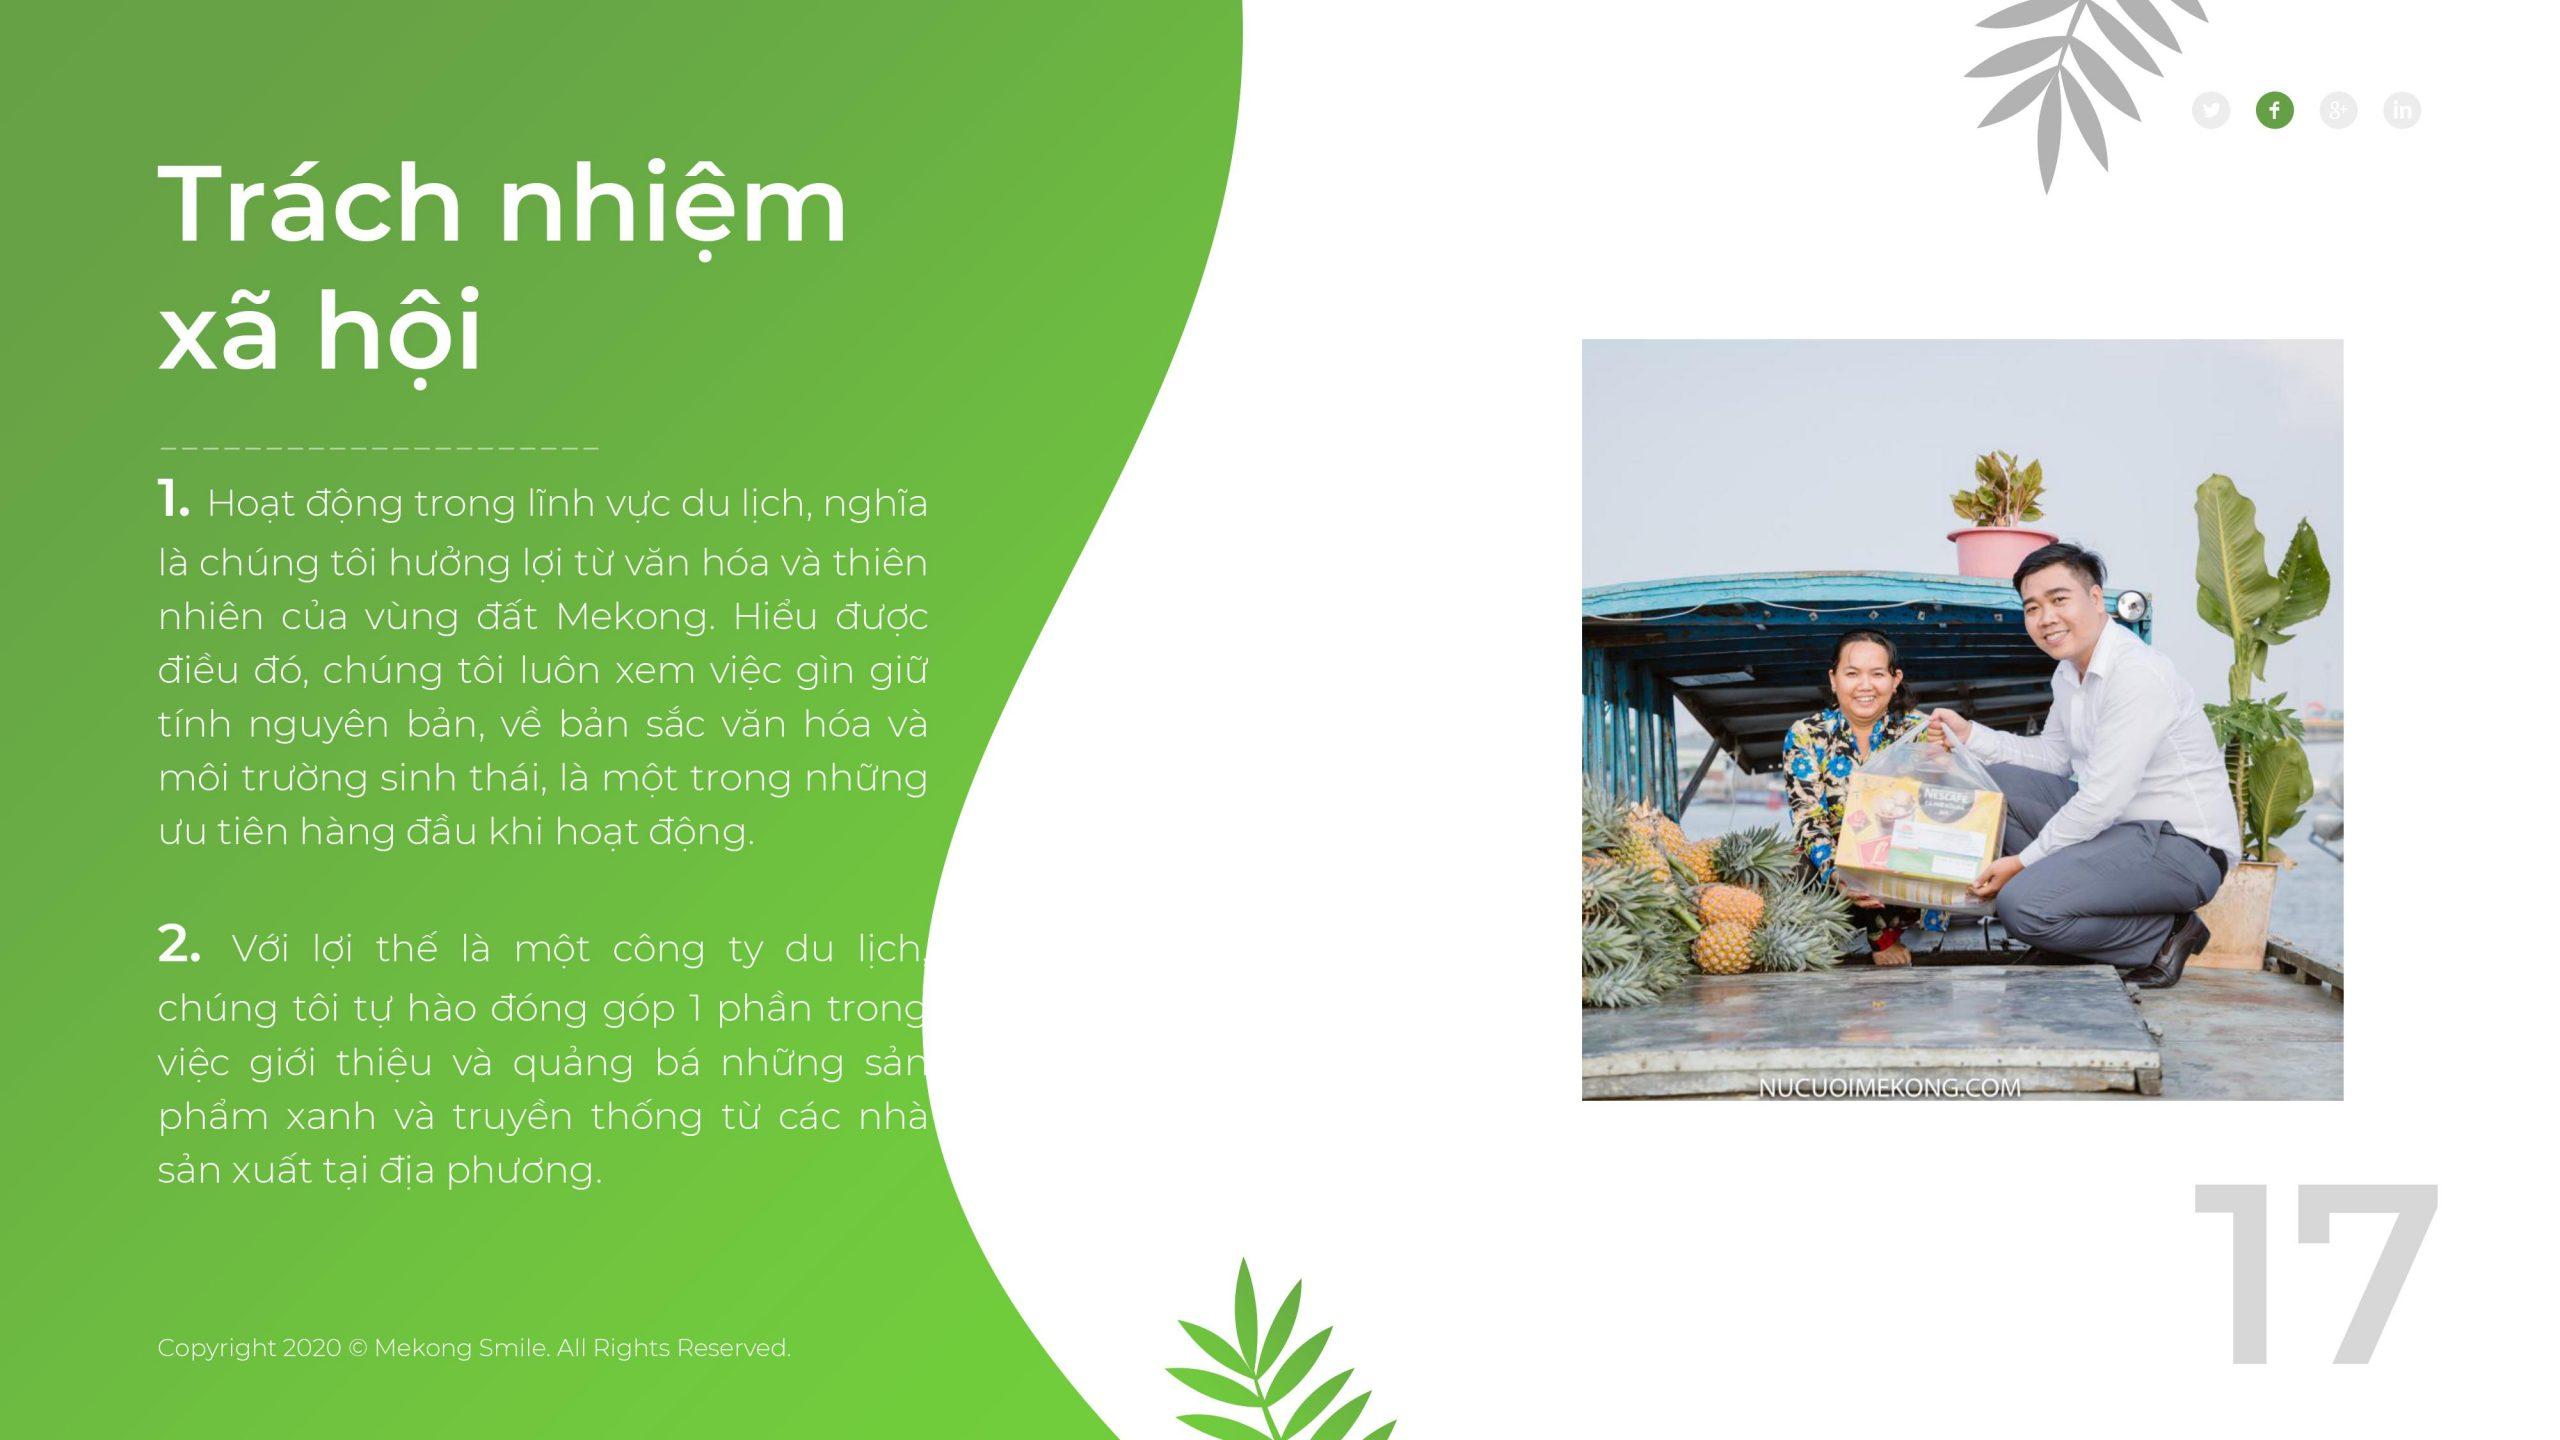 Nụ Cười Mê Kông và trách nhiệm đối với xã hội và cộng đồng